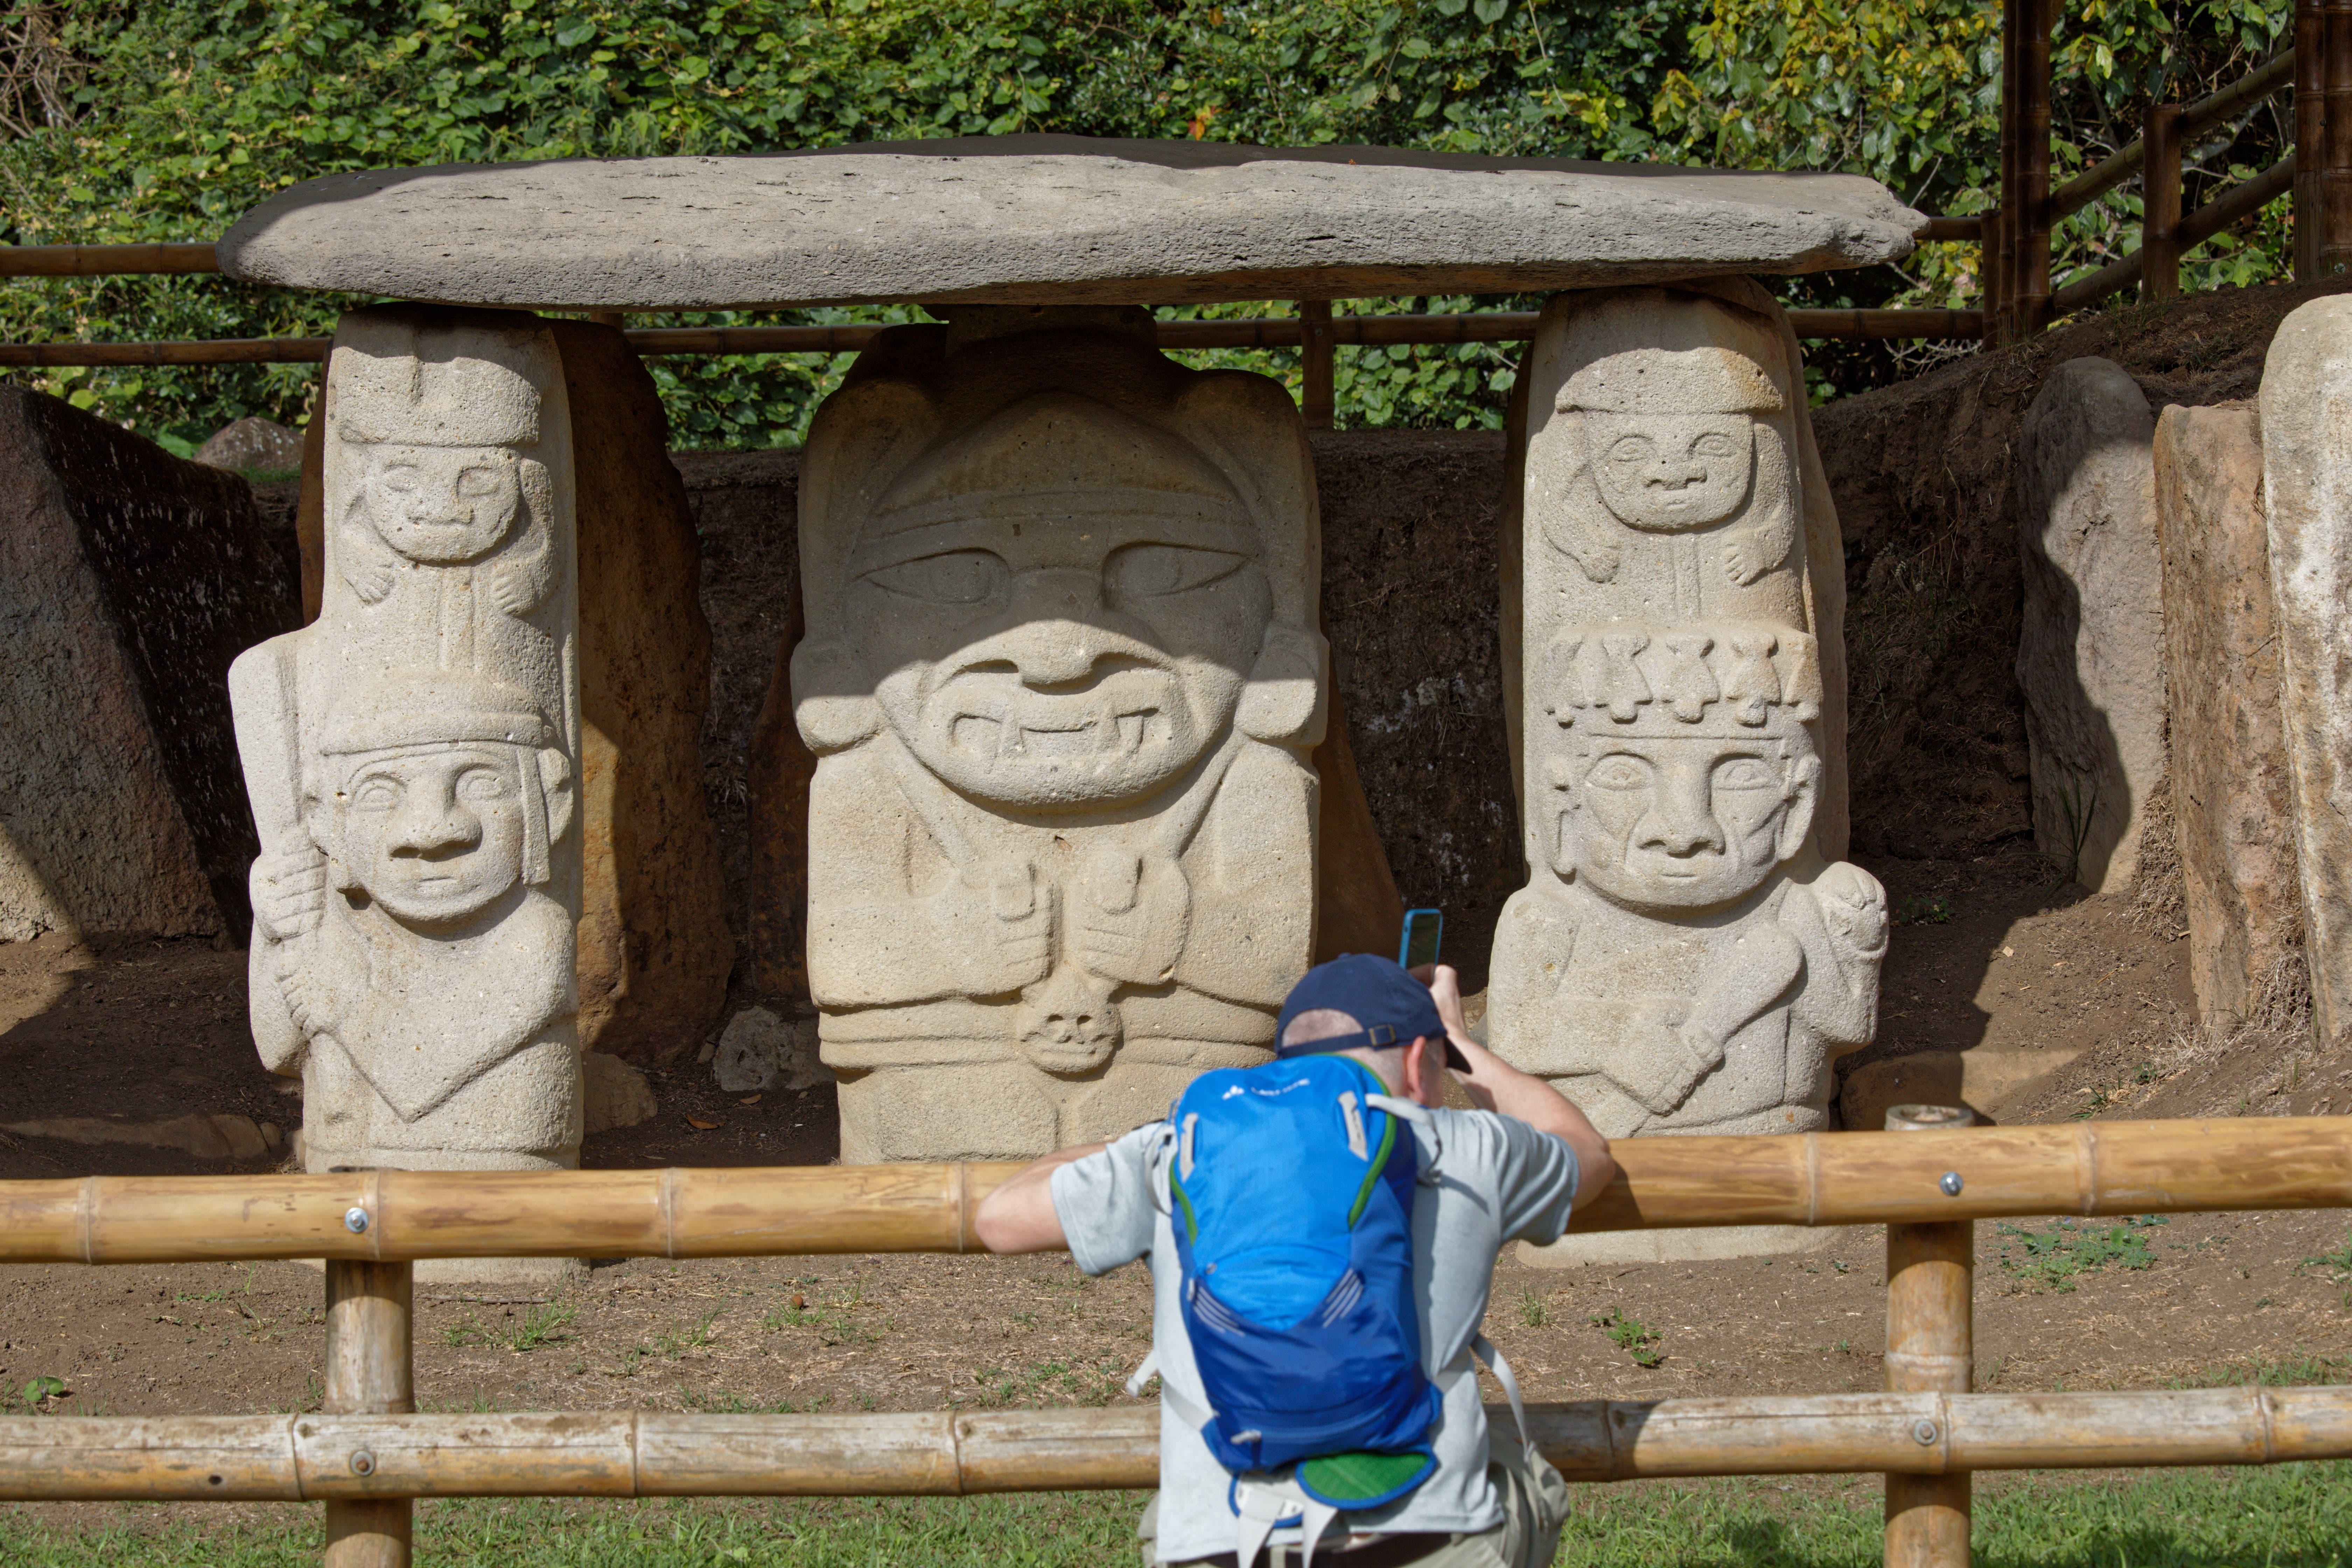 In den archäologischen Parks von San Agustín im Süden Kolumbiens sind die geheimnisvollen Steinskulpturen der San-Agustín-Kultur zu finden. Das Volk der Steinmetze ist spurlos verschwunden.